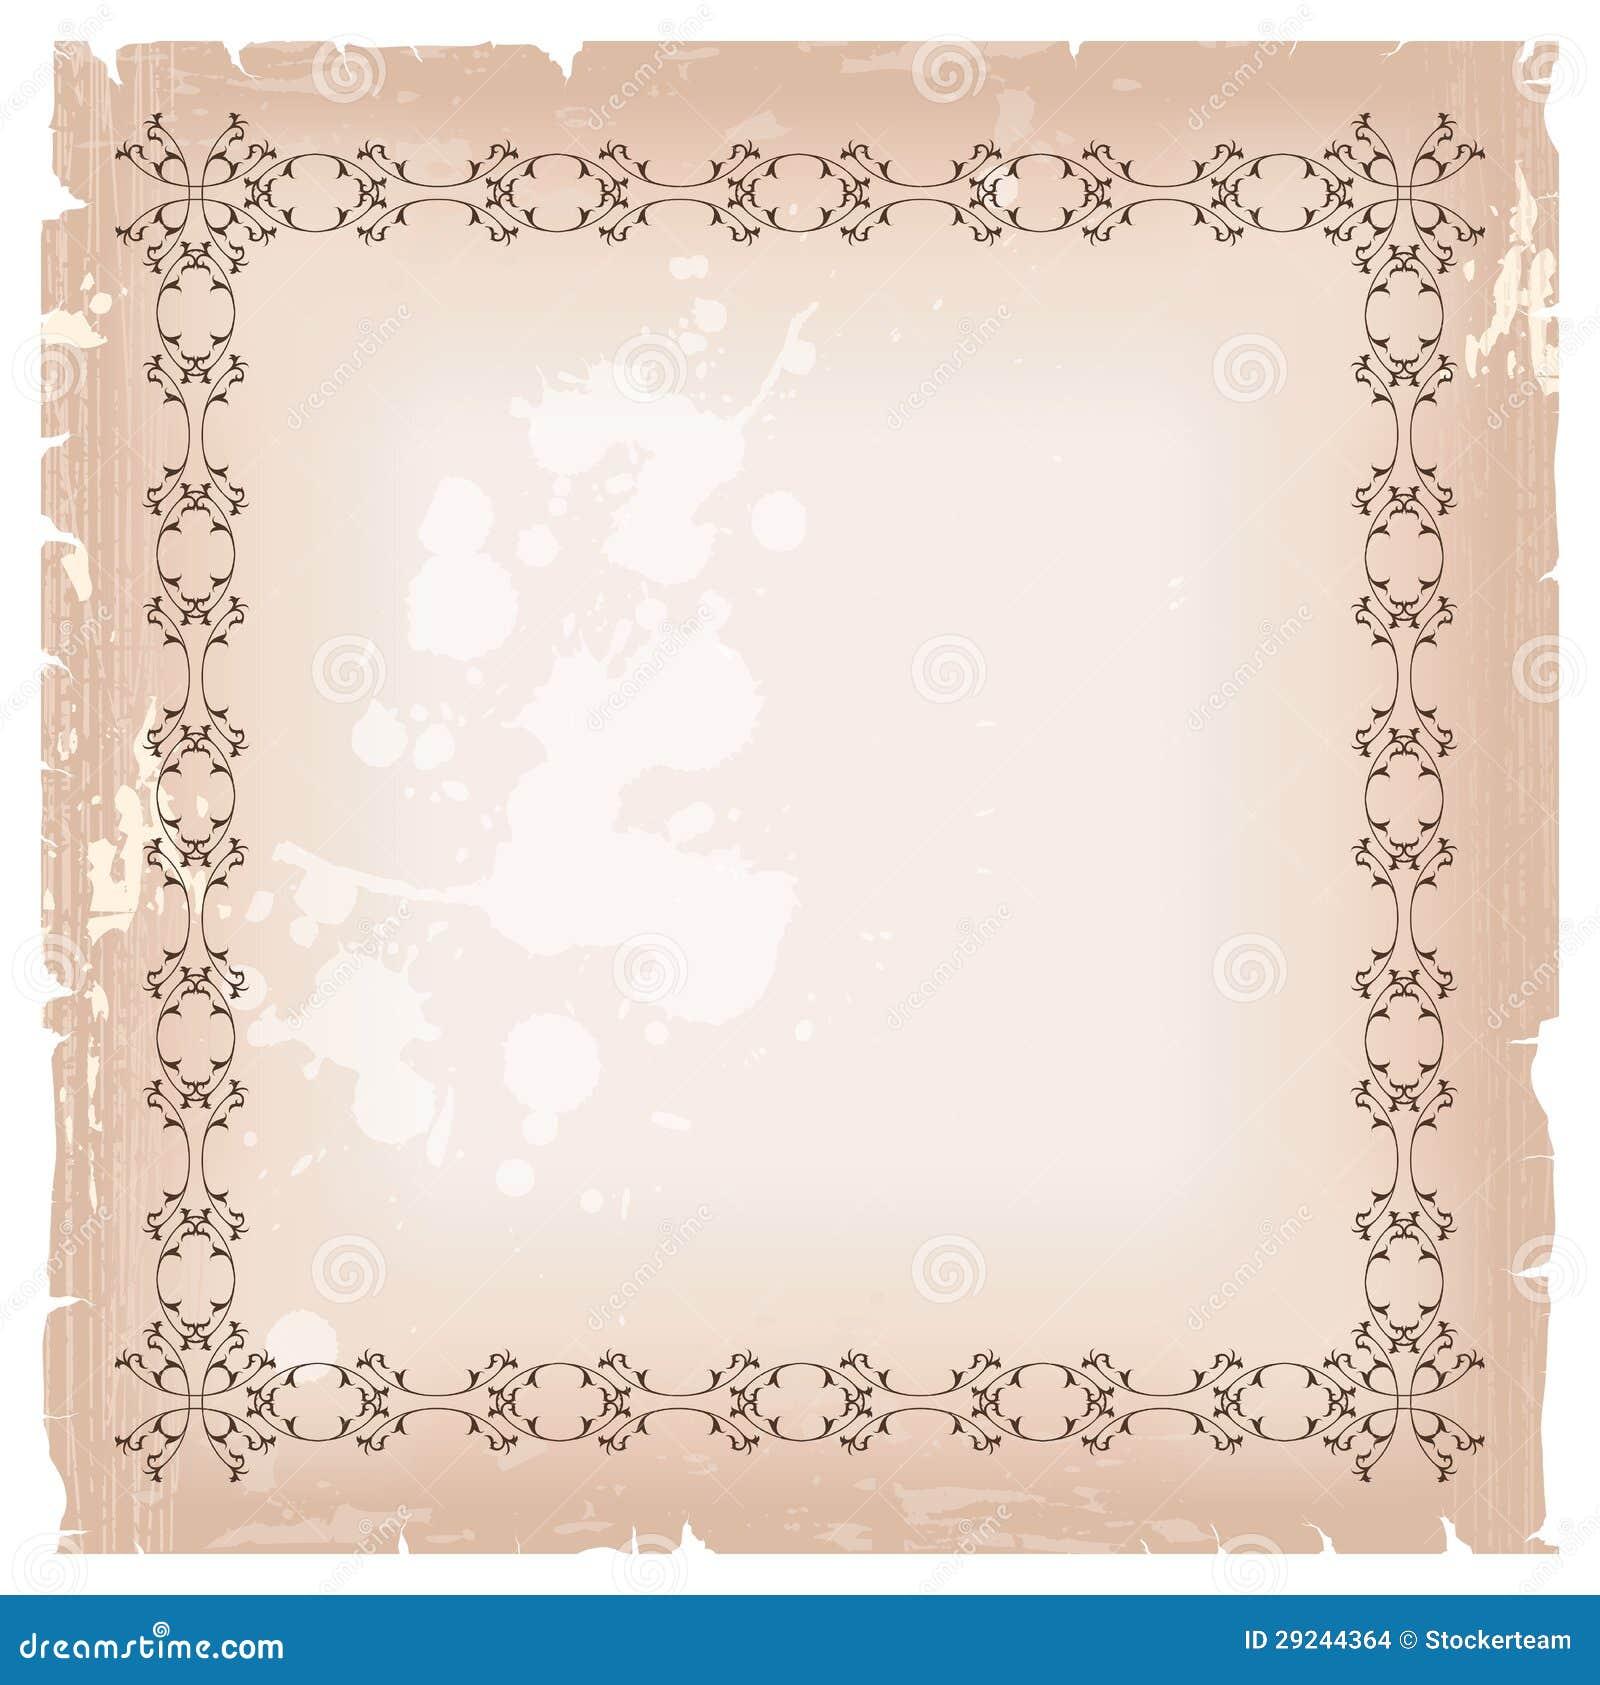 Download Molde Vazio Do Quadro Da Bandeira Em Cores Marrons Ilustração Stock - Ilustração de deco, projeto: 29244364